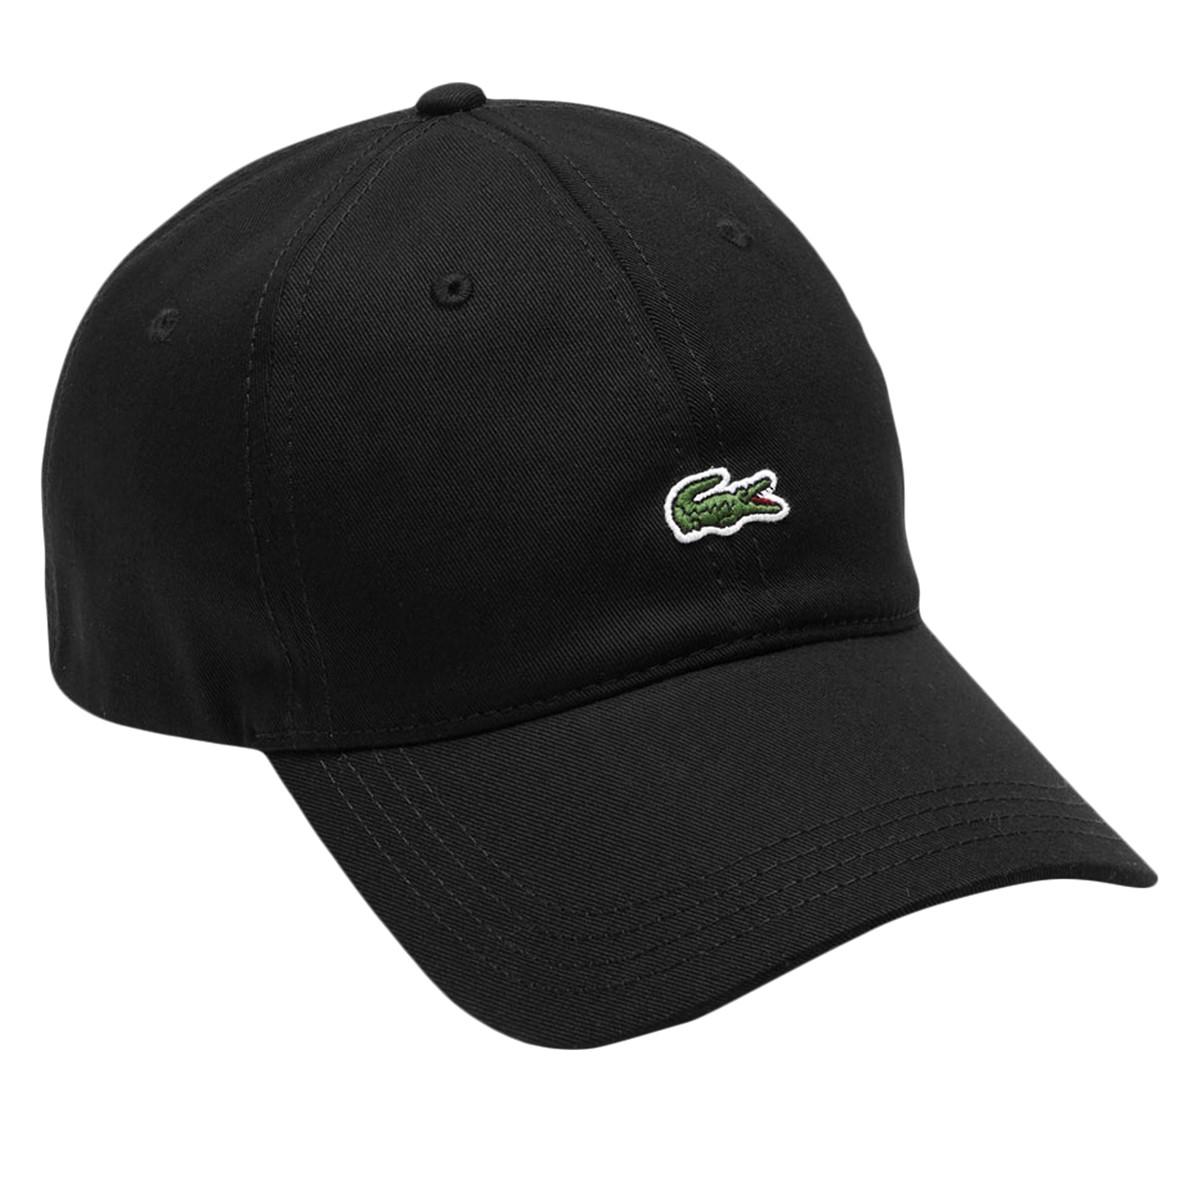 Orli Cap in Black